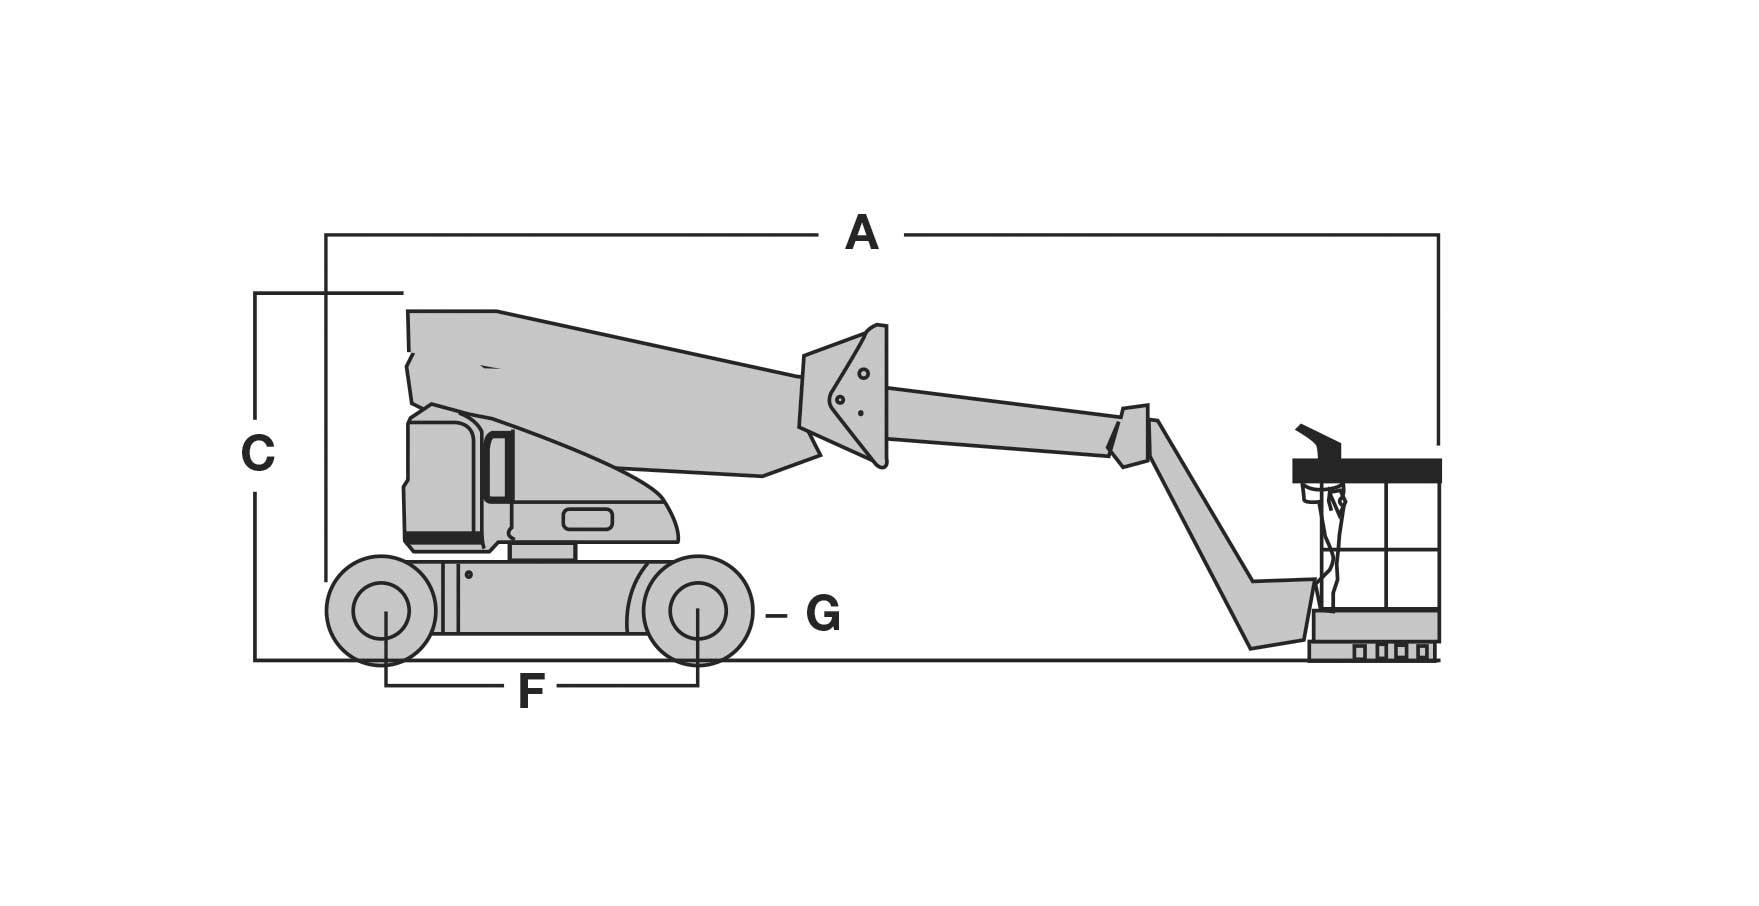 Piattaforma aerea articolata elettrica AE12_1